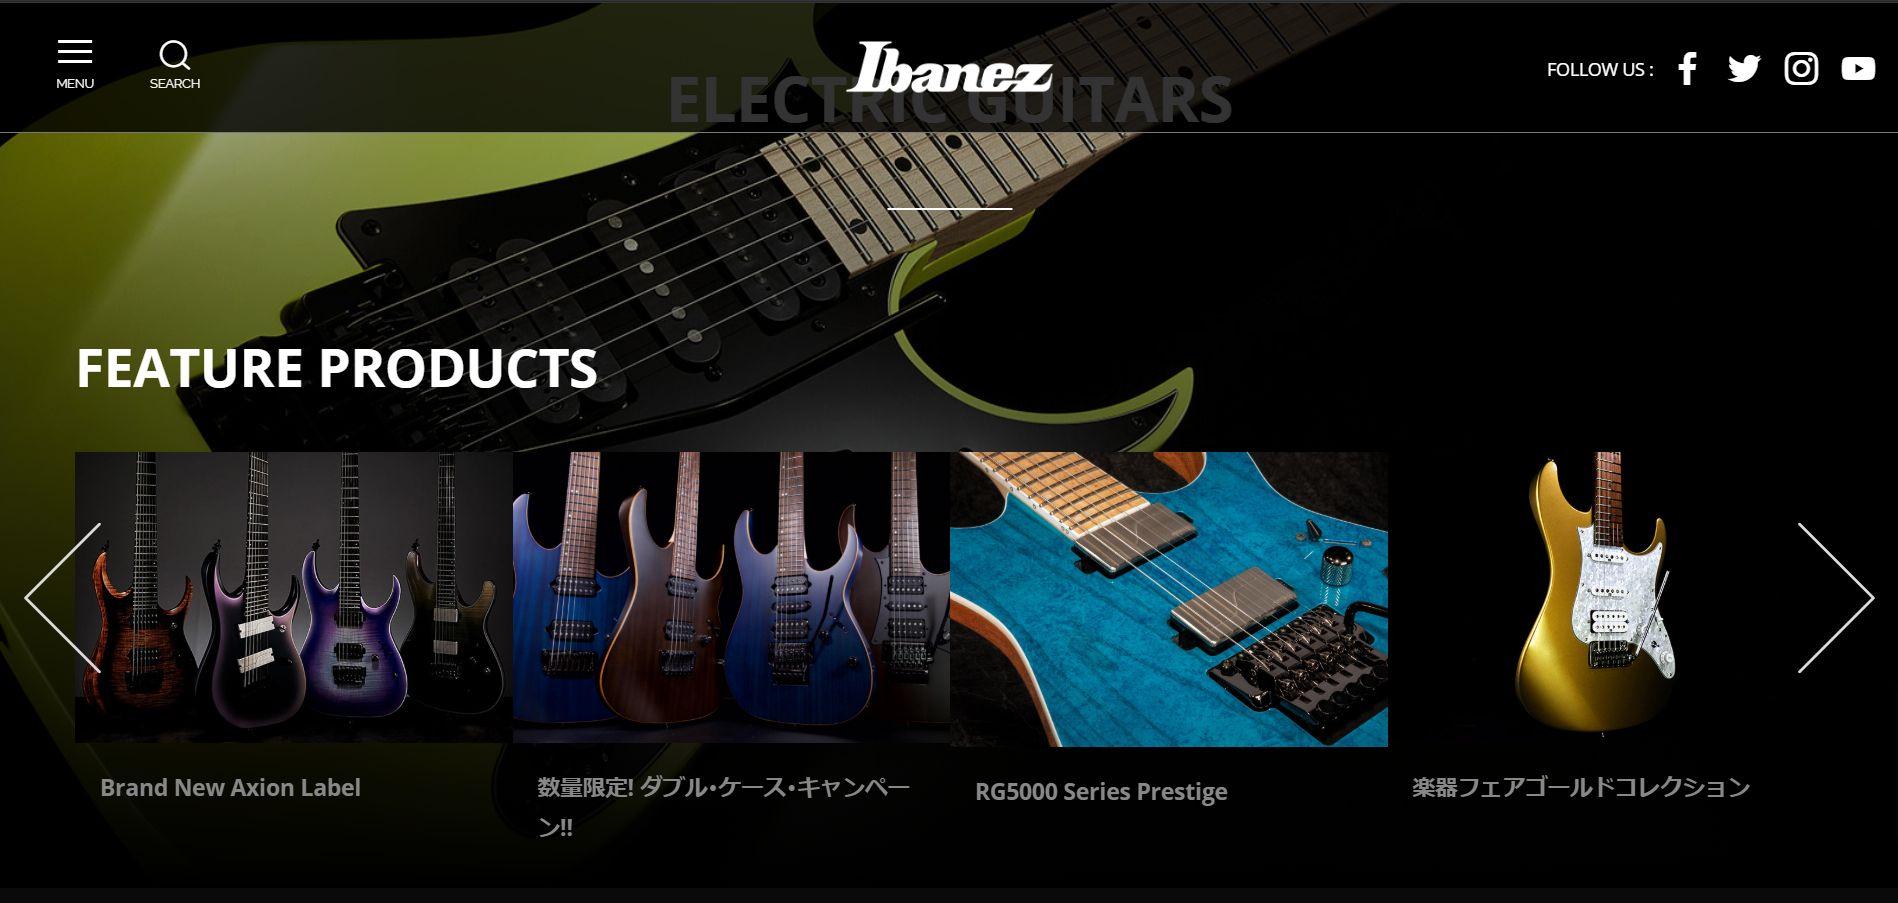 アイバニーズのギター買取相場